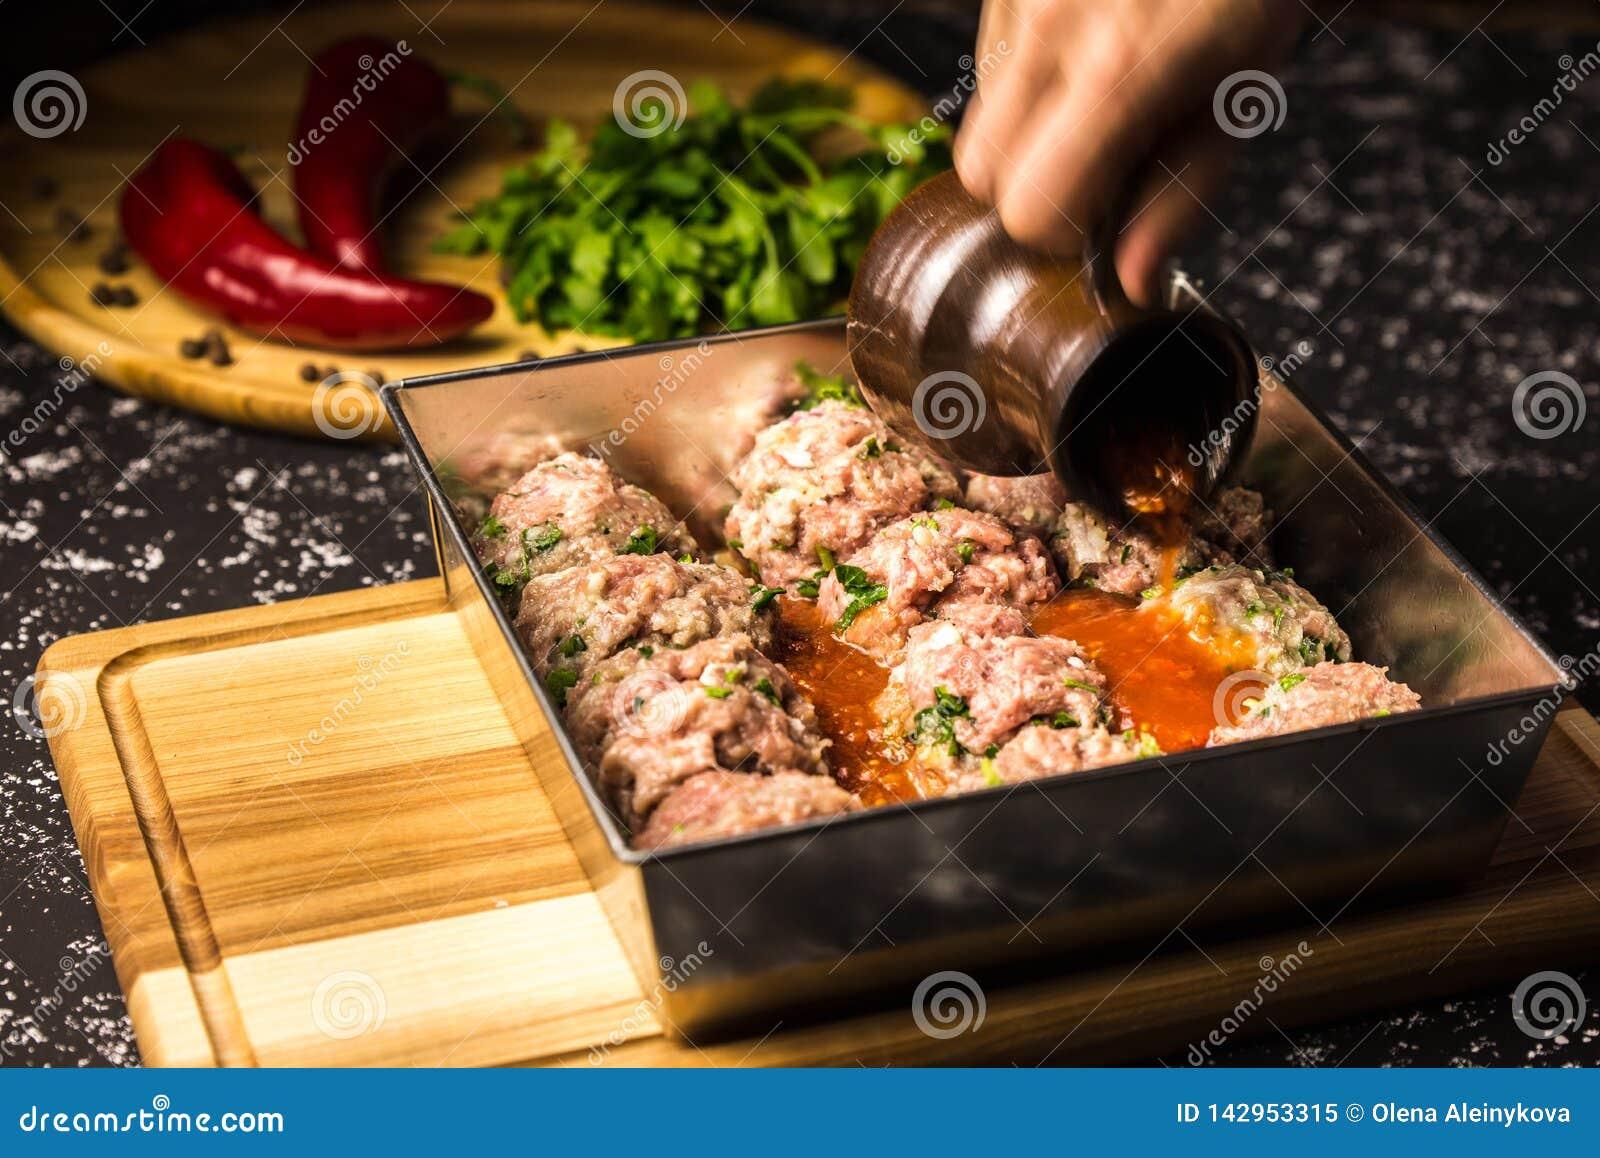 Almôndegas cruas da carne de porco no prato de cozimento metálico no molho de tomate